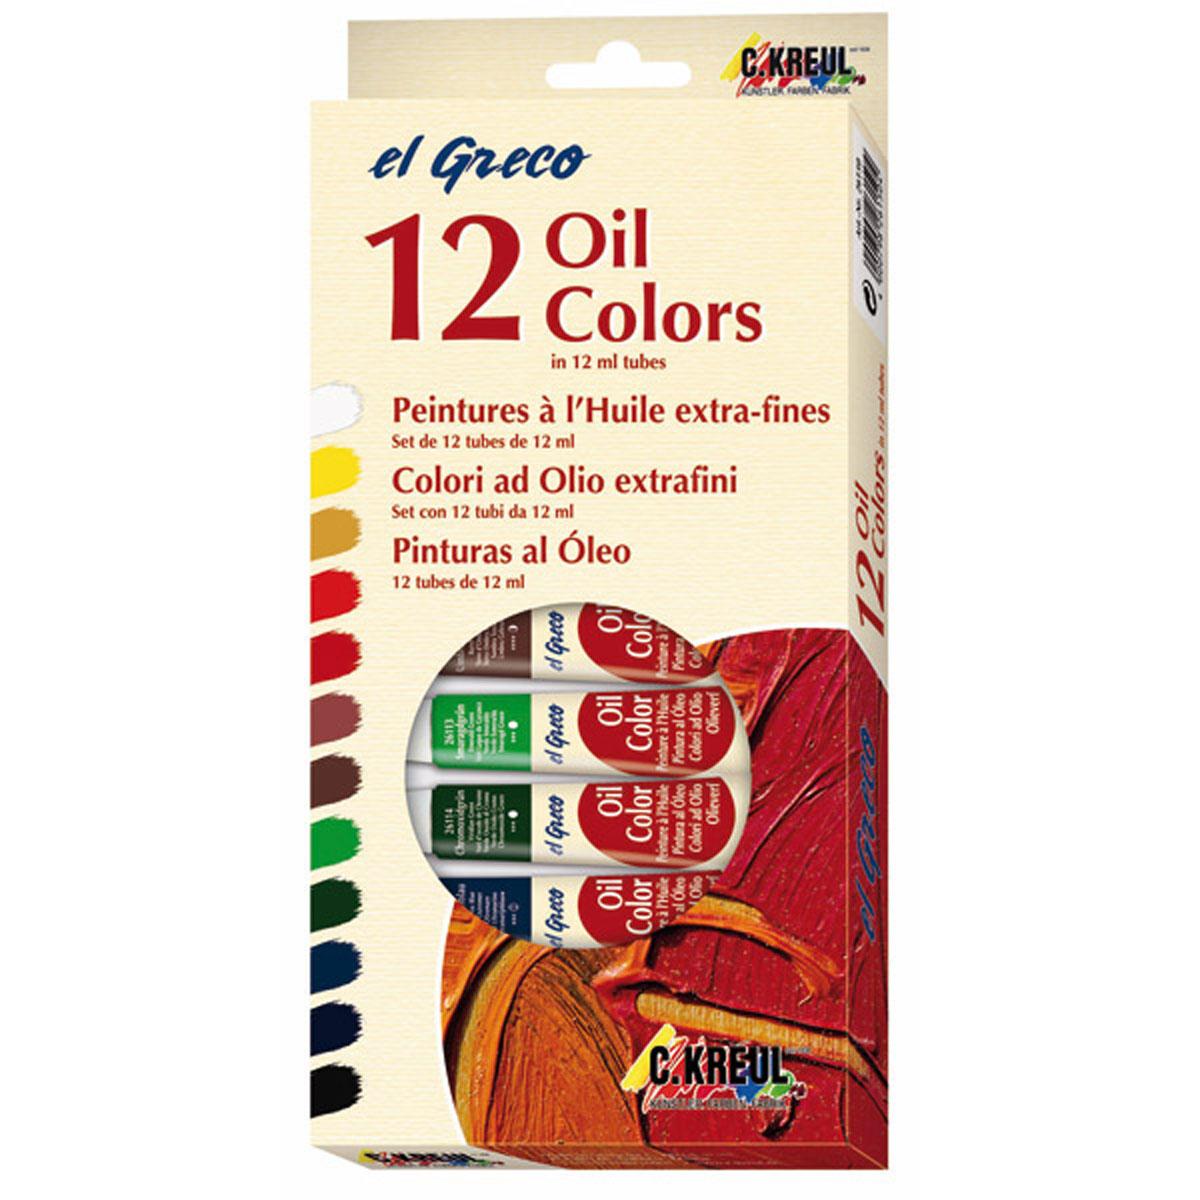 Краски масляные Kreul El Greco, 12 цветовKR-26150Практичный и удобный набор масляных красок для начинающих художников. Для изготовления красок подбираются пигменты только высочайшего качества и чистые масла растительного происхождения. Масляные краски обладают особенной светостойкостью, яркостью и блеском.